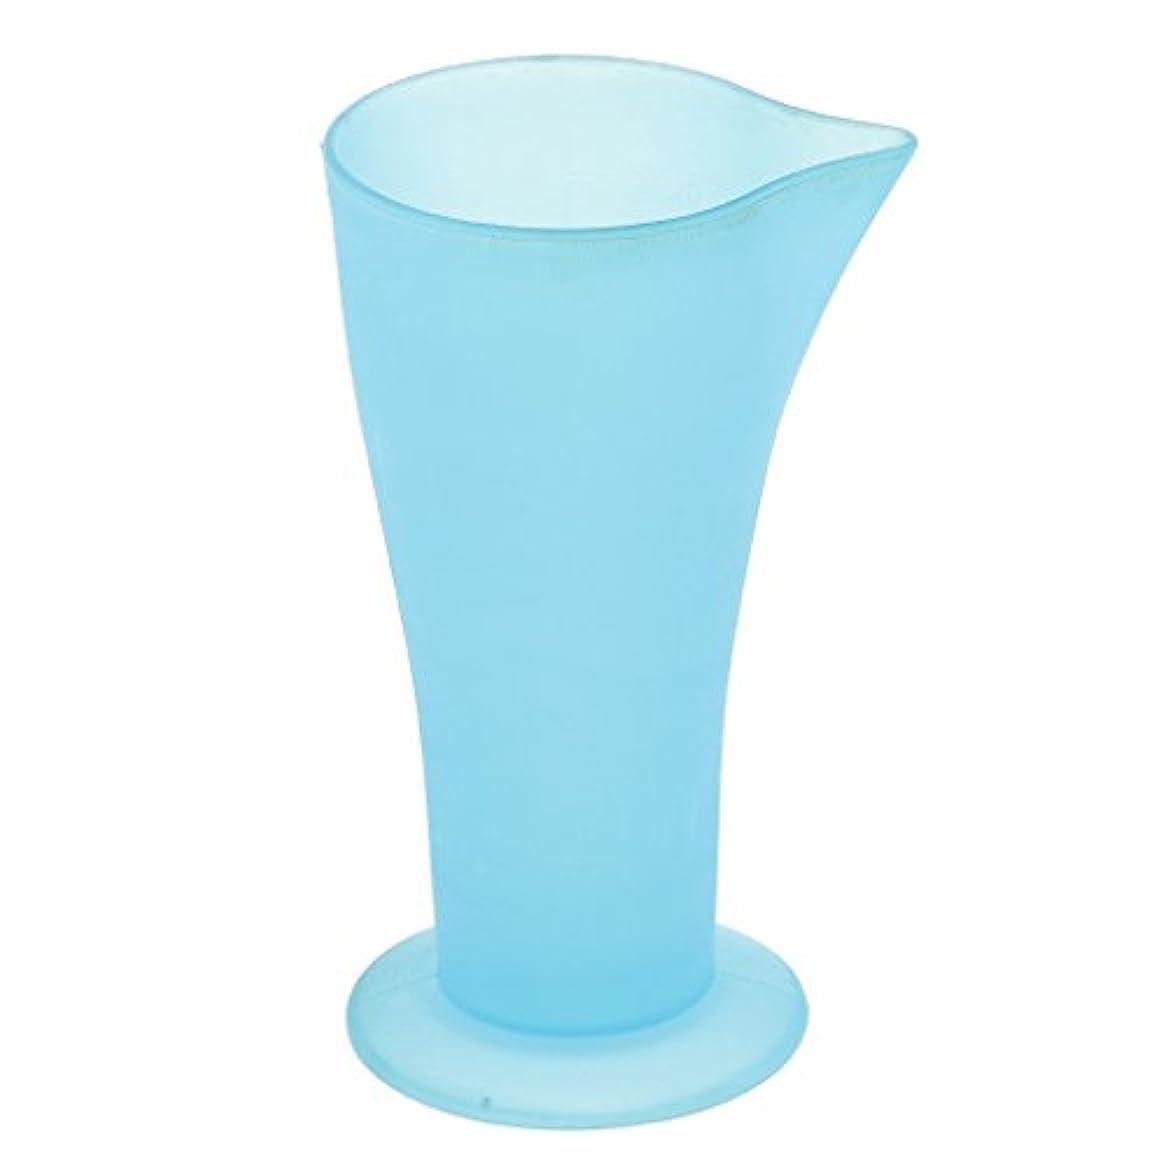 配当テクトニック秋実験室のための1x 120mLの明確な青いプラスチックによって卒業する液体の測定のビーカーのコップ